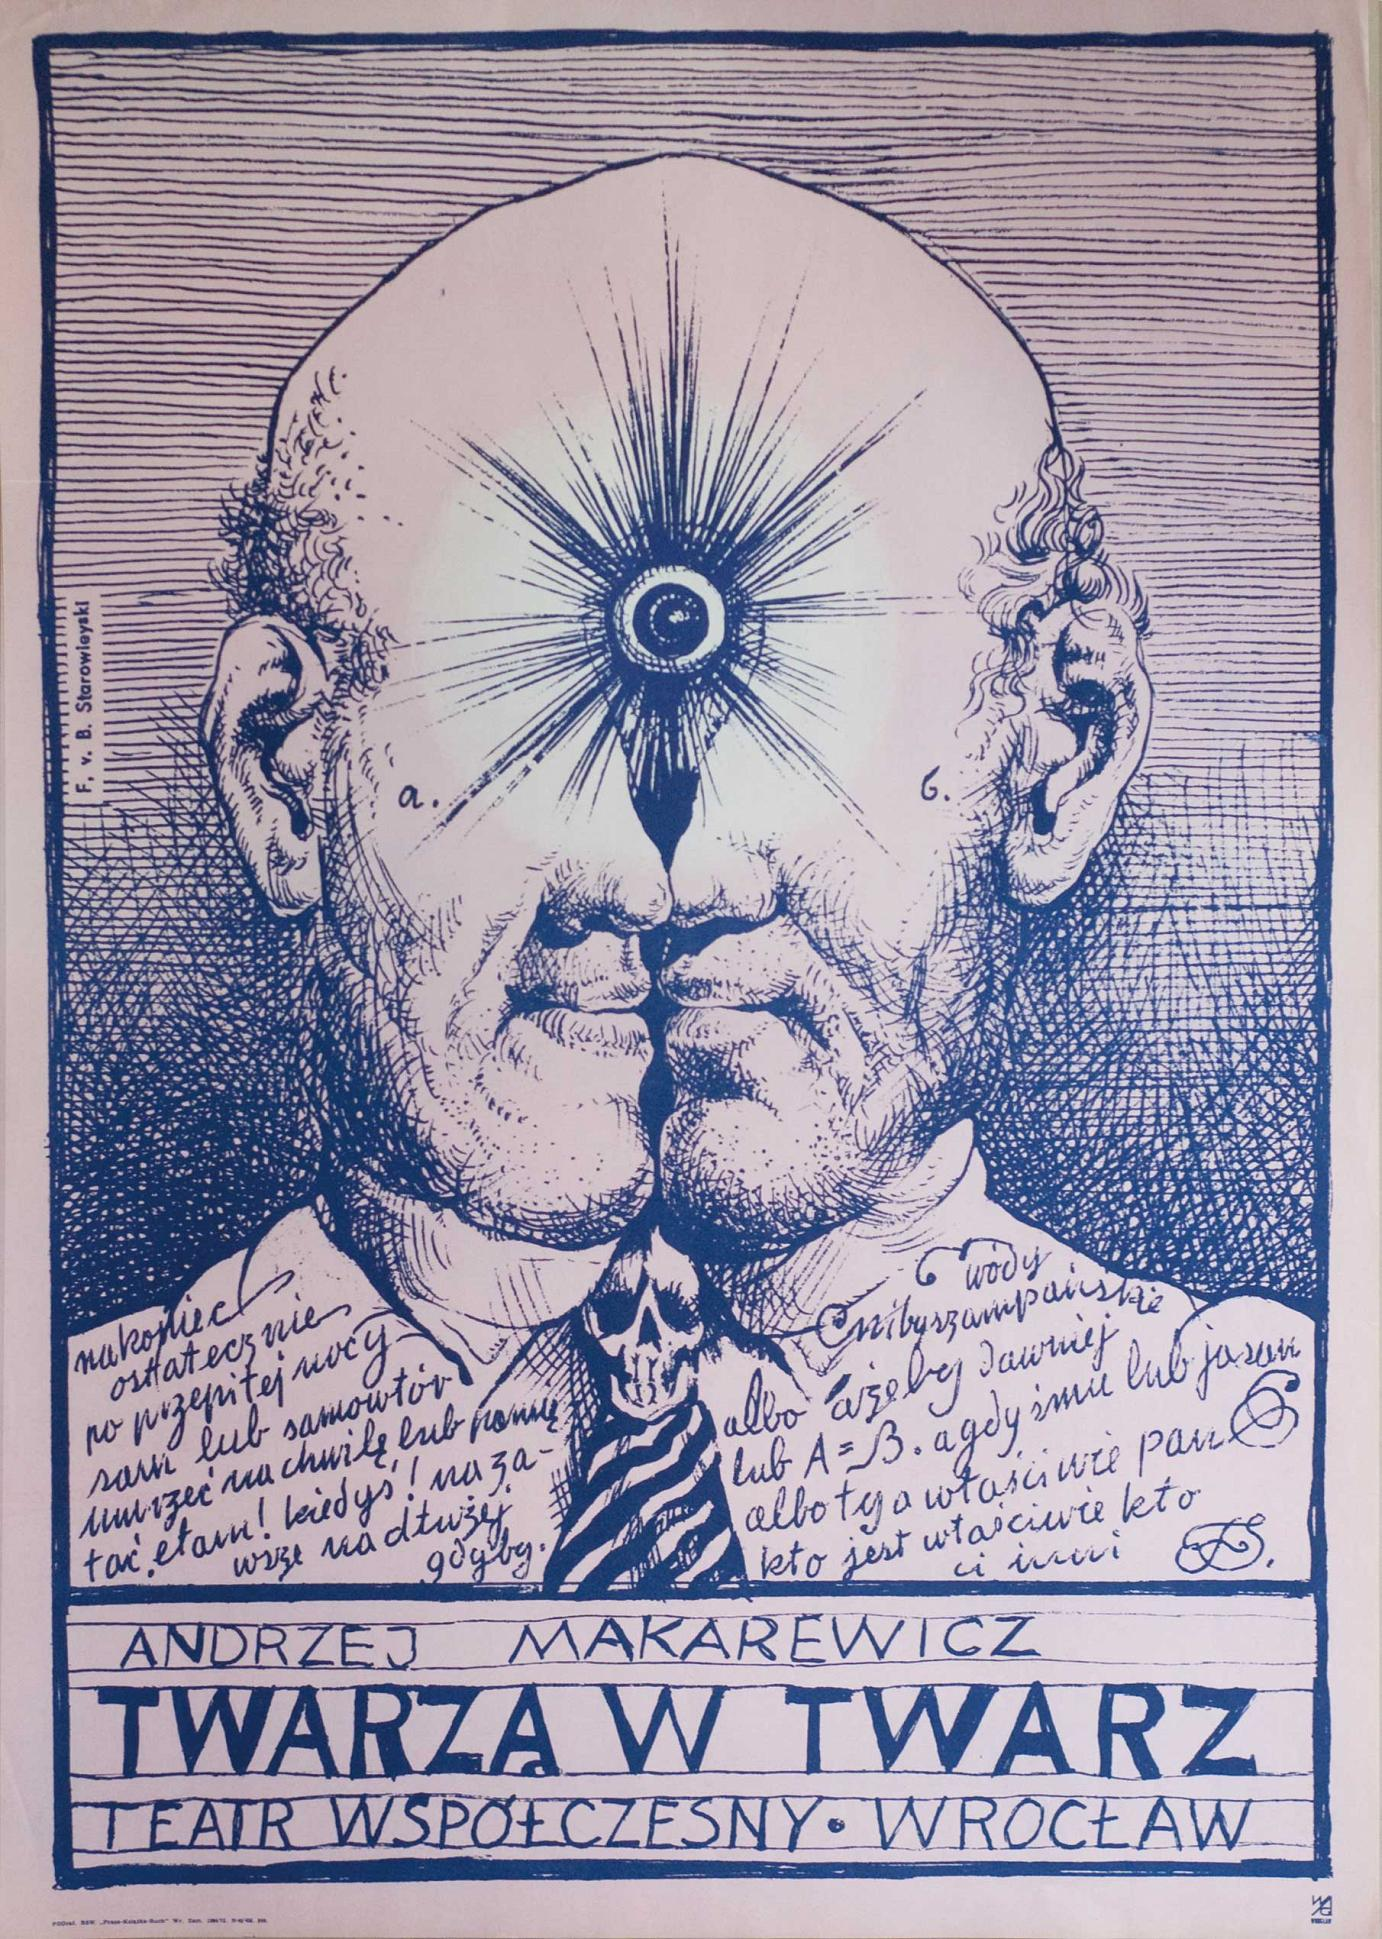 Franciszek Starowieyski »Twarza w twarz« (1973)